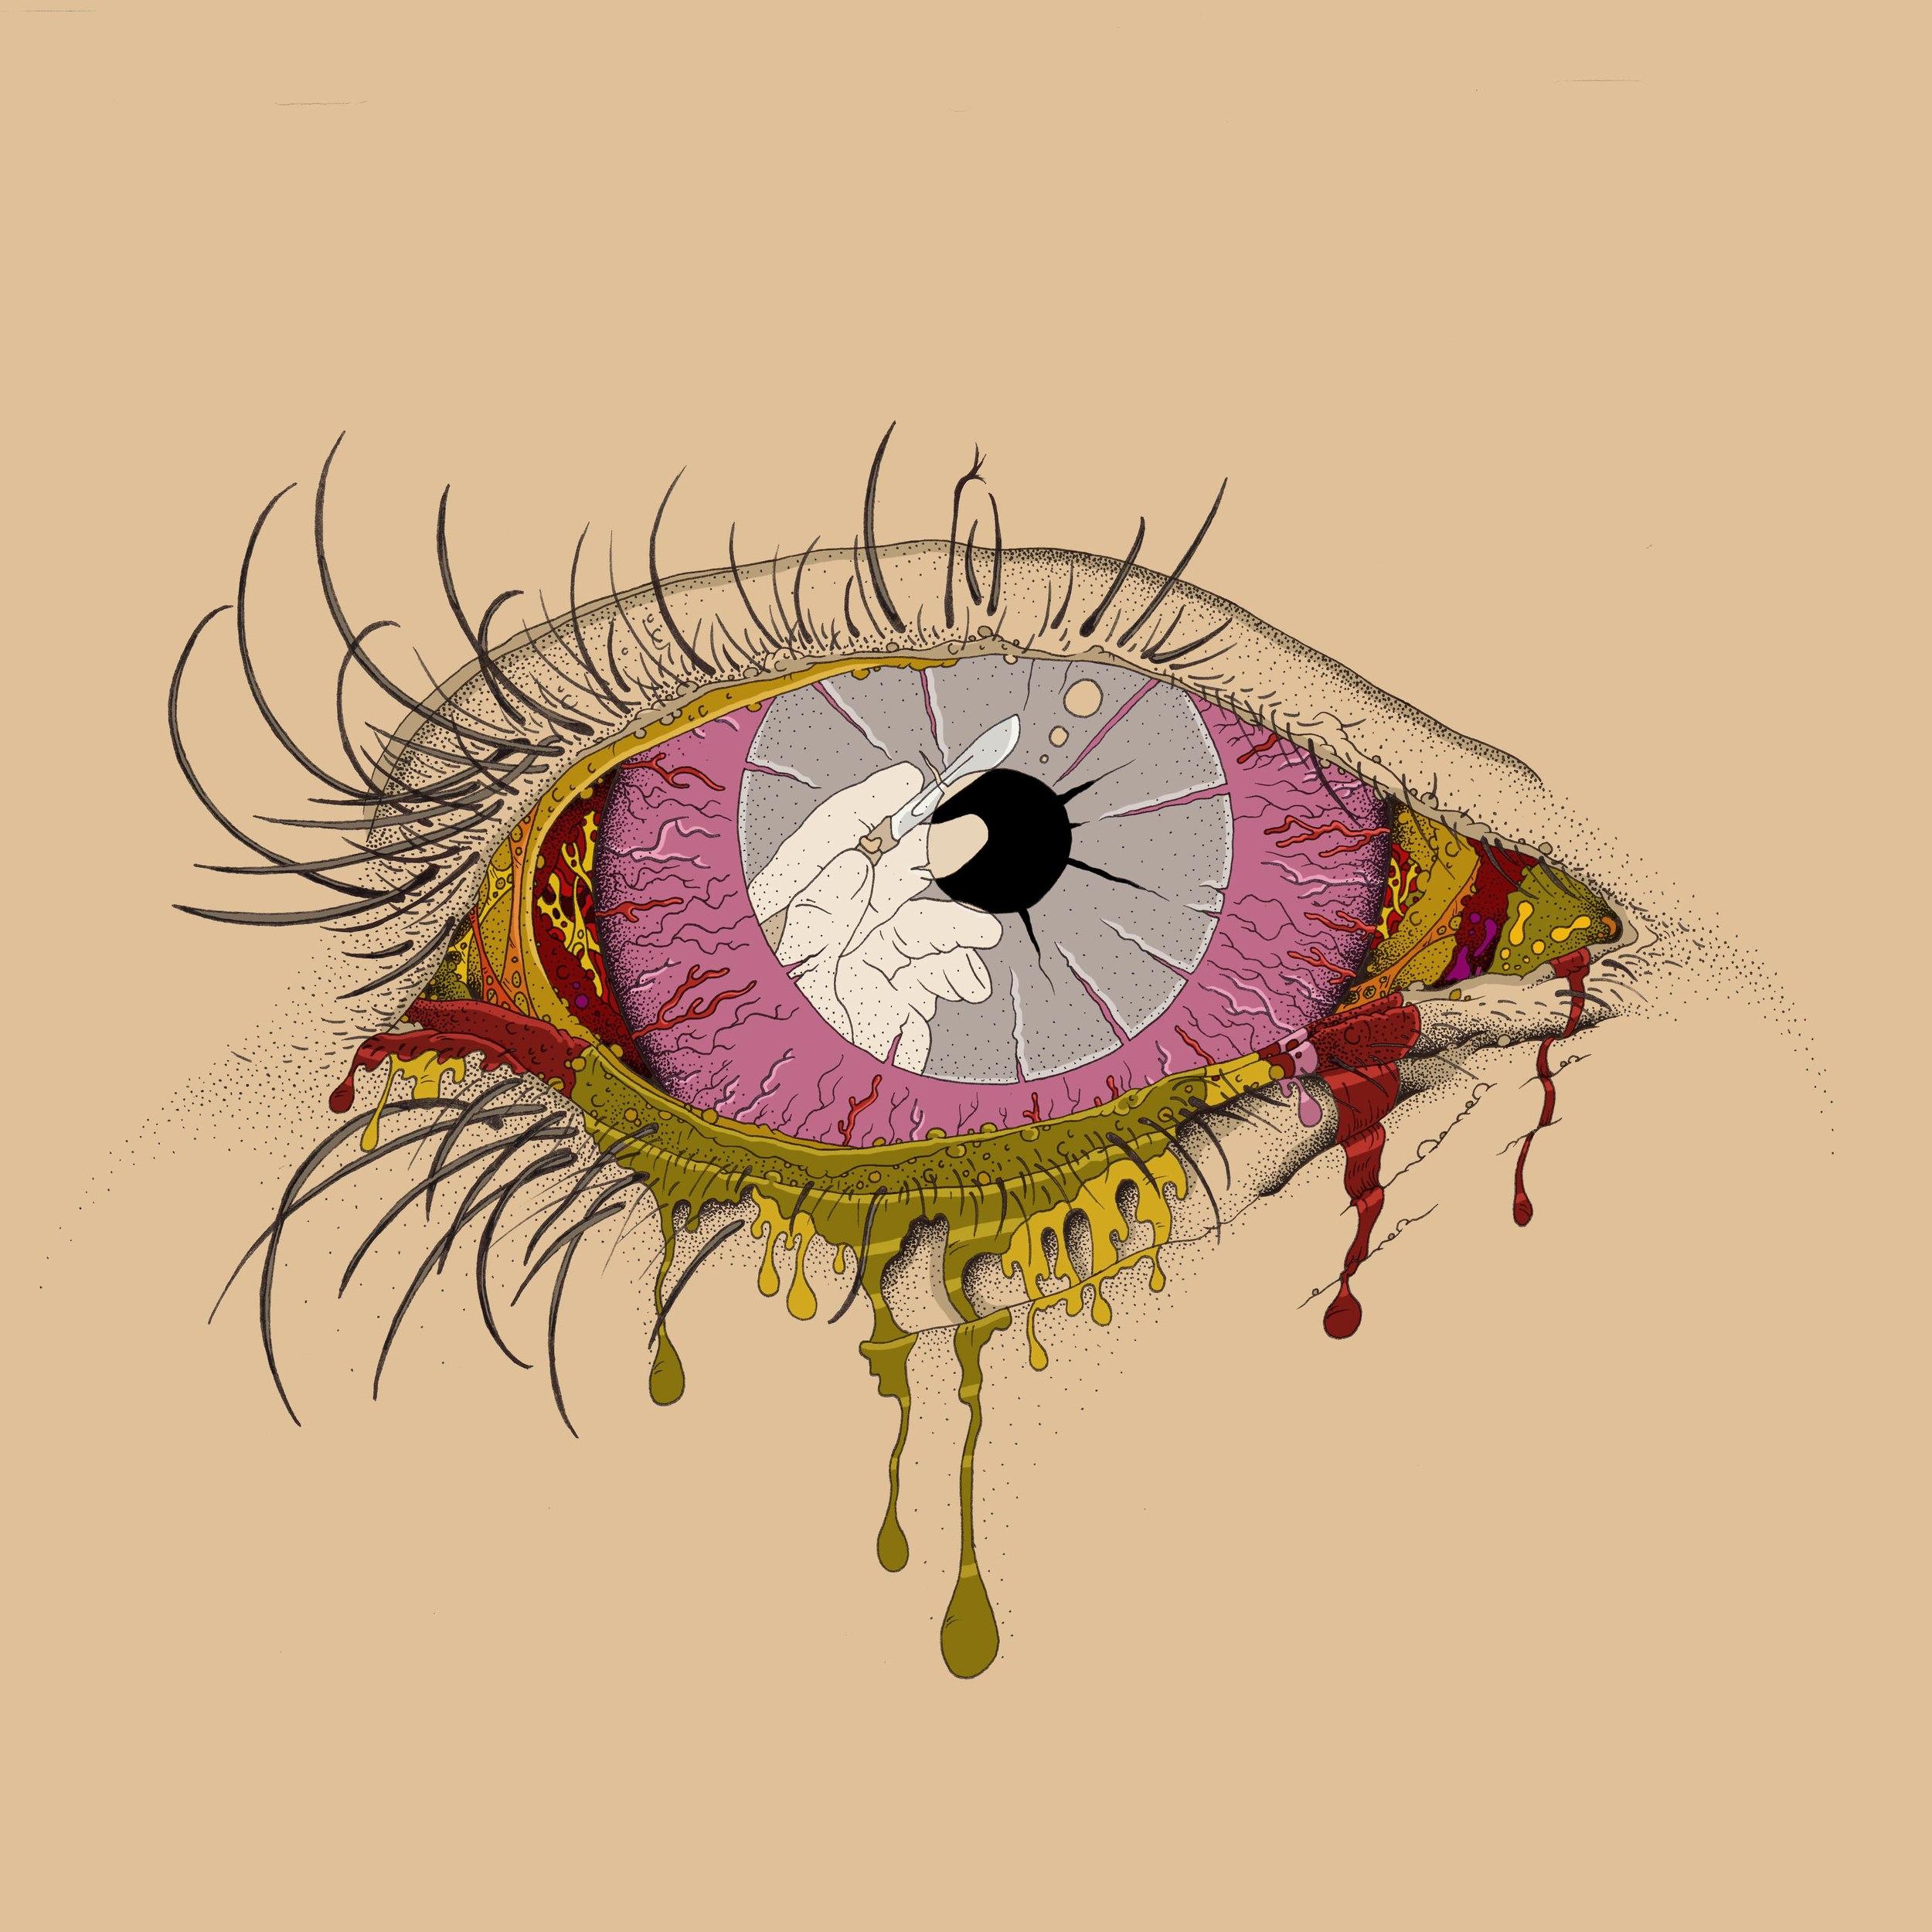 sight_of_the_surgeon.jpg